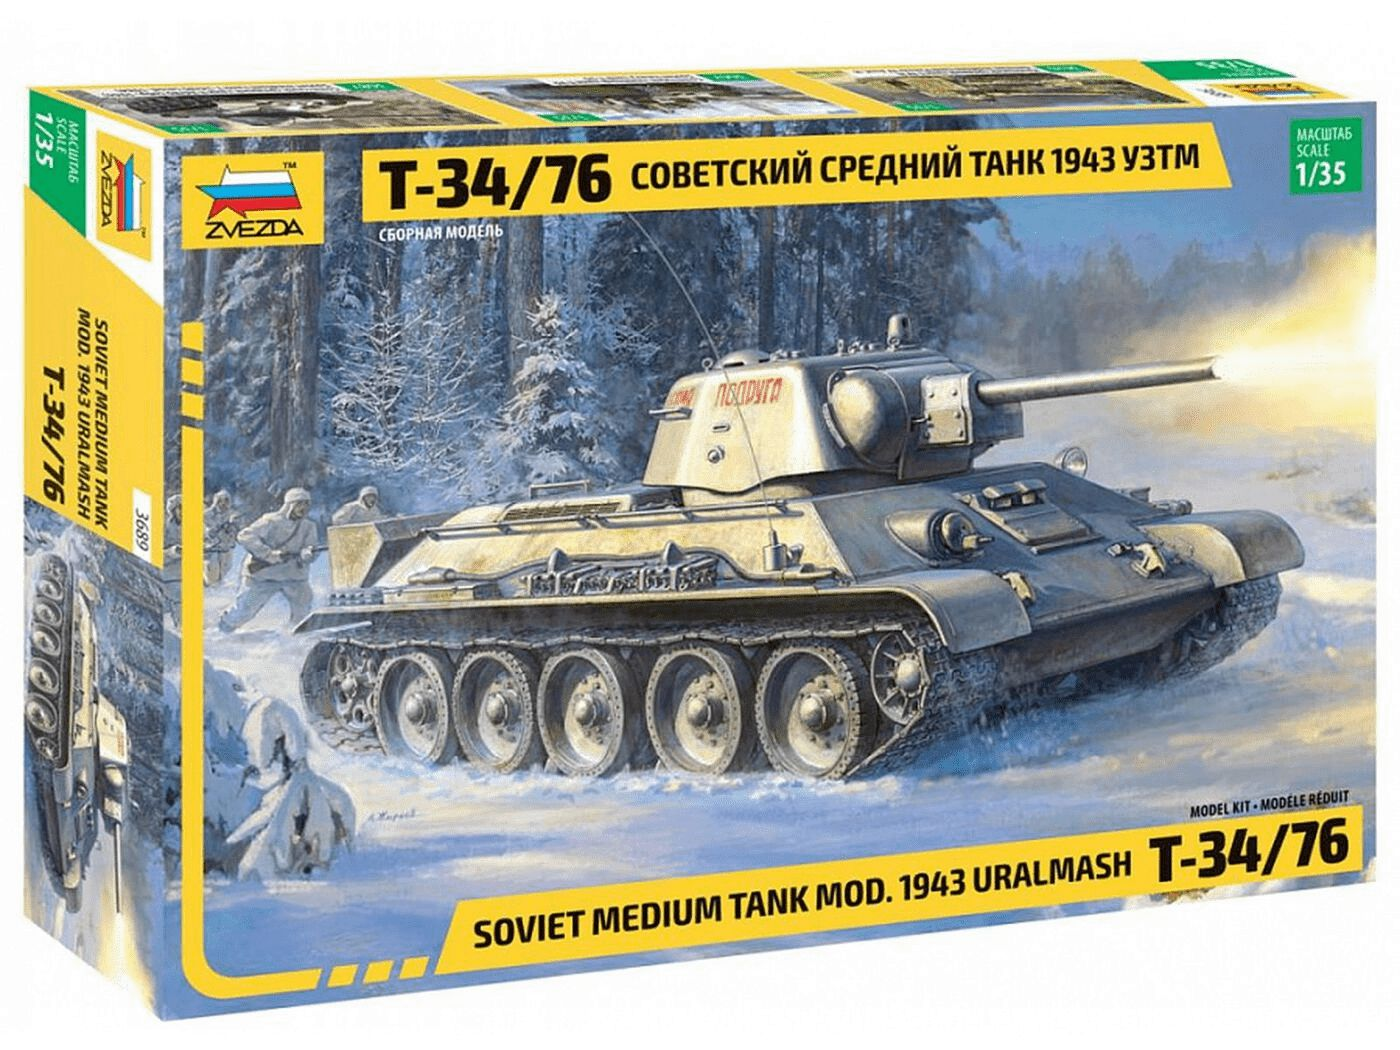 Купить Модель сборная Звезда Советский средний танк Т-34/76 1943 Узтм, ZVEZDA, Модели для сборки